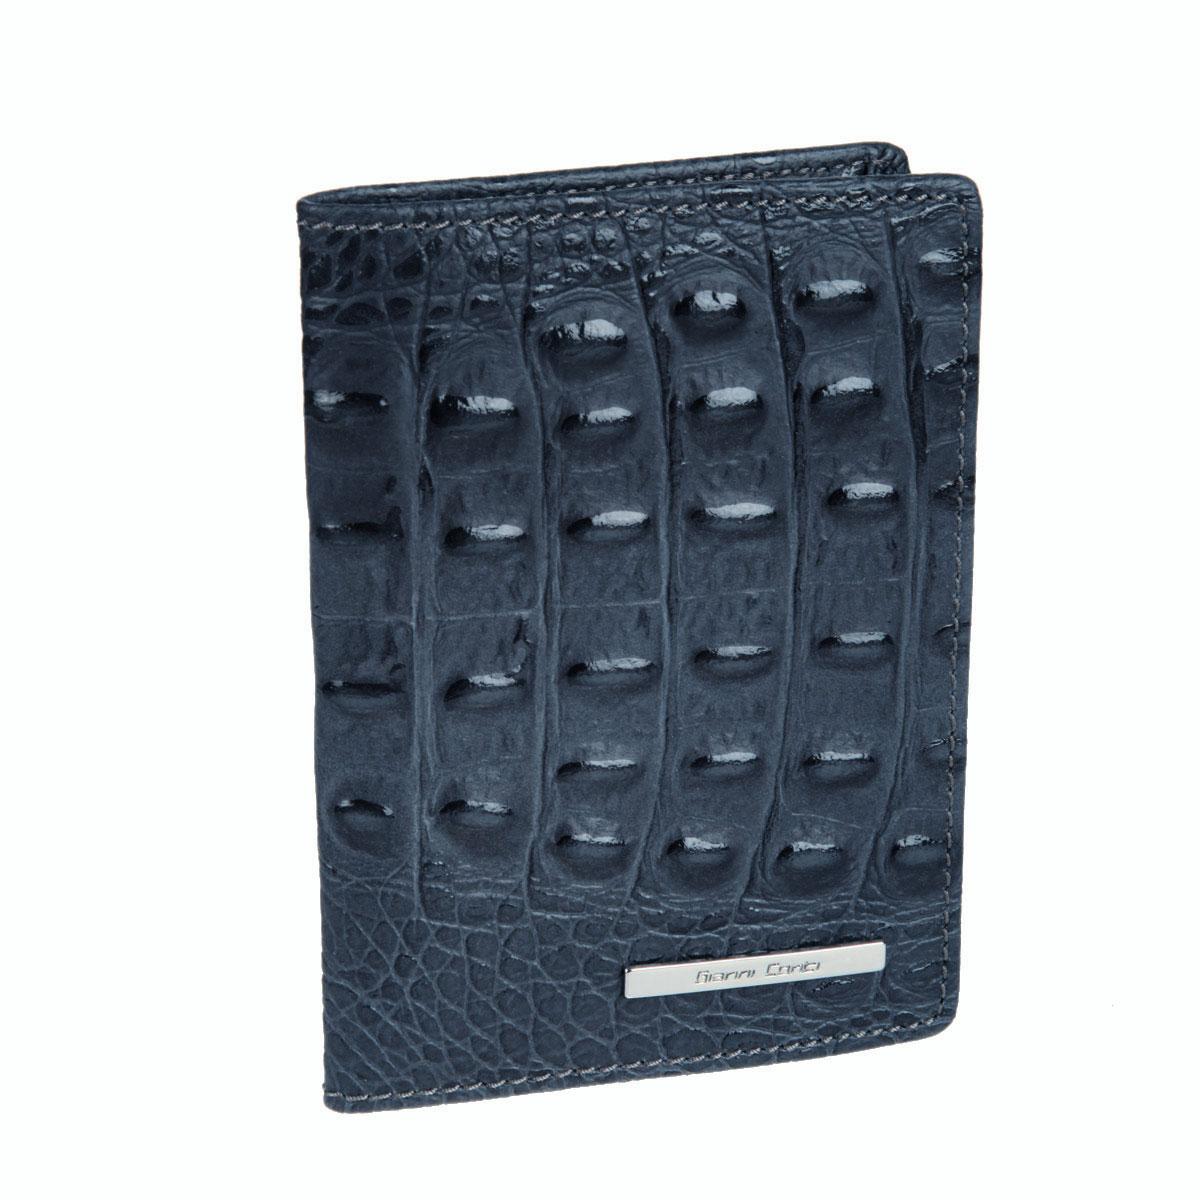 Обложка для паспорта Gianni Conti, цвет: сине-серый. 19374551937455 grey/yellowСтильная обложка Gianni Conti выполнена из натуральной кожи с фактурным тиснением под крокодила и оформлена металлической пластинкой с надписью в виде логотипа бренда. На внутреннем развороте справа расположено шесть кармашков для пластиковых карт и визиток. Ширина левого разворота 3 см, правого 7 см. Оба разворота изготовлены из натуральной кожи. Такая обложка не только поможет сохранить внешний вид ваших документов и защитит их от повреждений, но и станет ярким аксессуаром, который подчеркнет ваш образ. Обложка упакована в подарочную картонную коробку желтого цвета с логотипом фирмы.